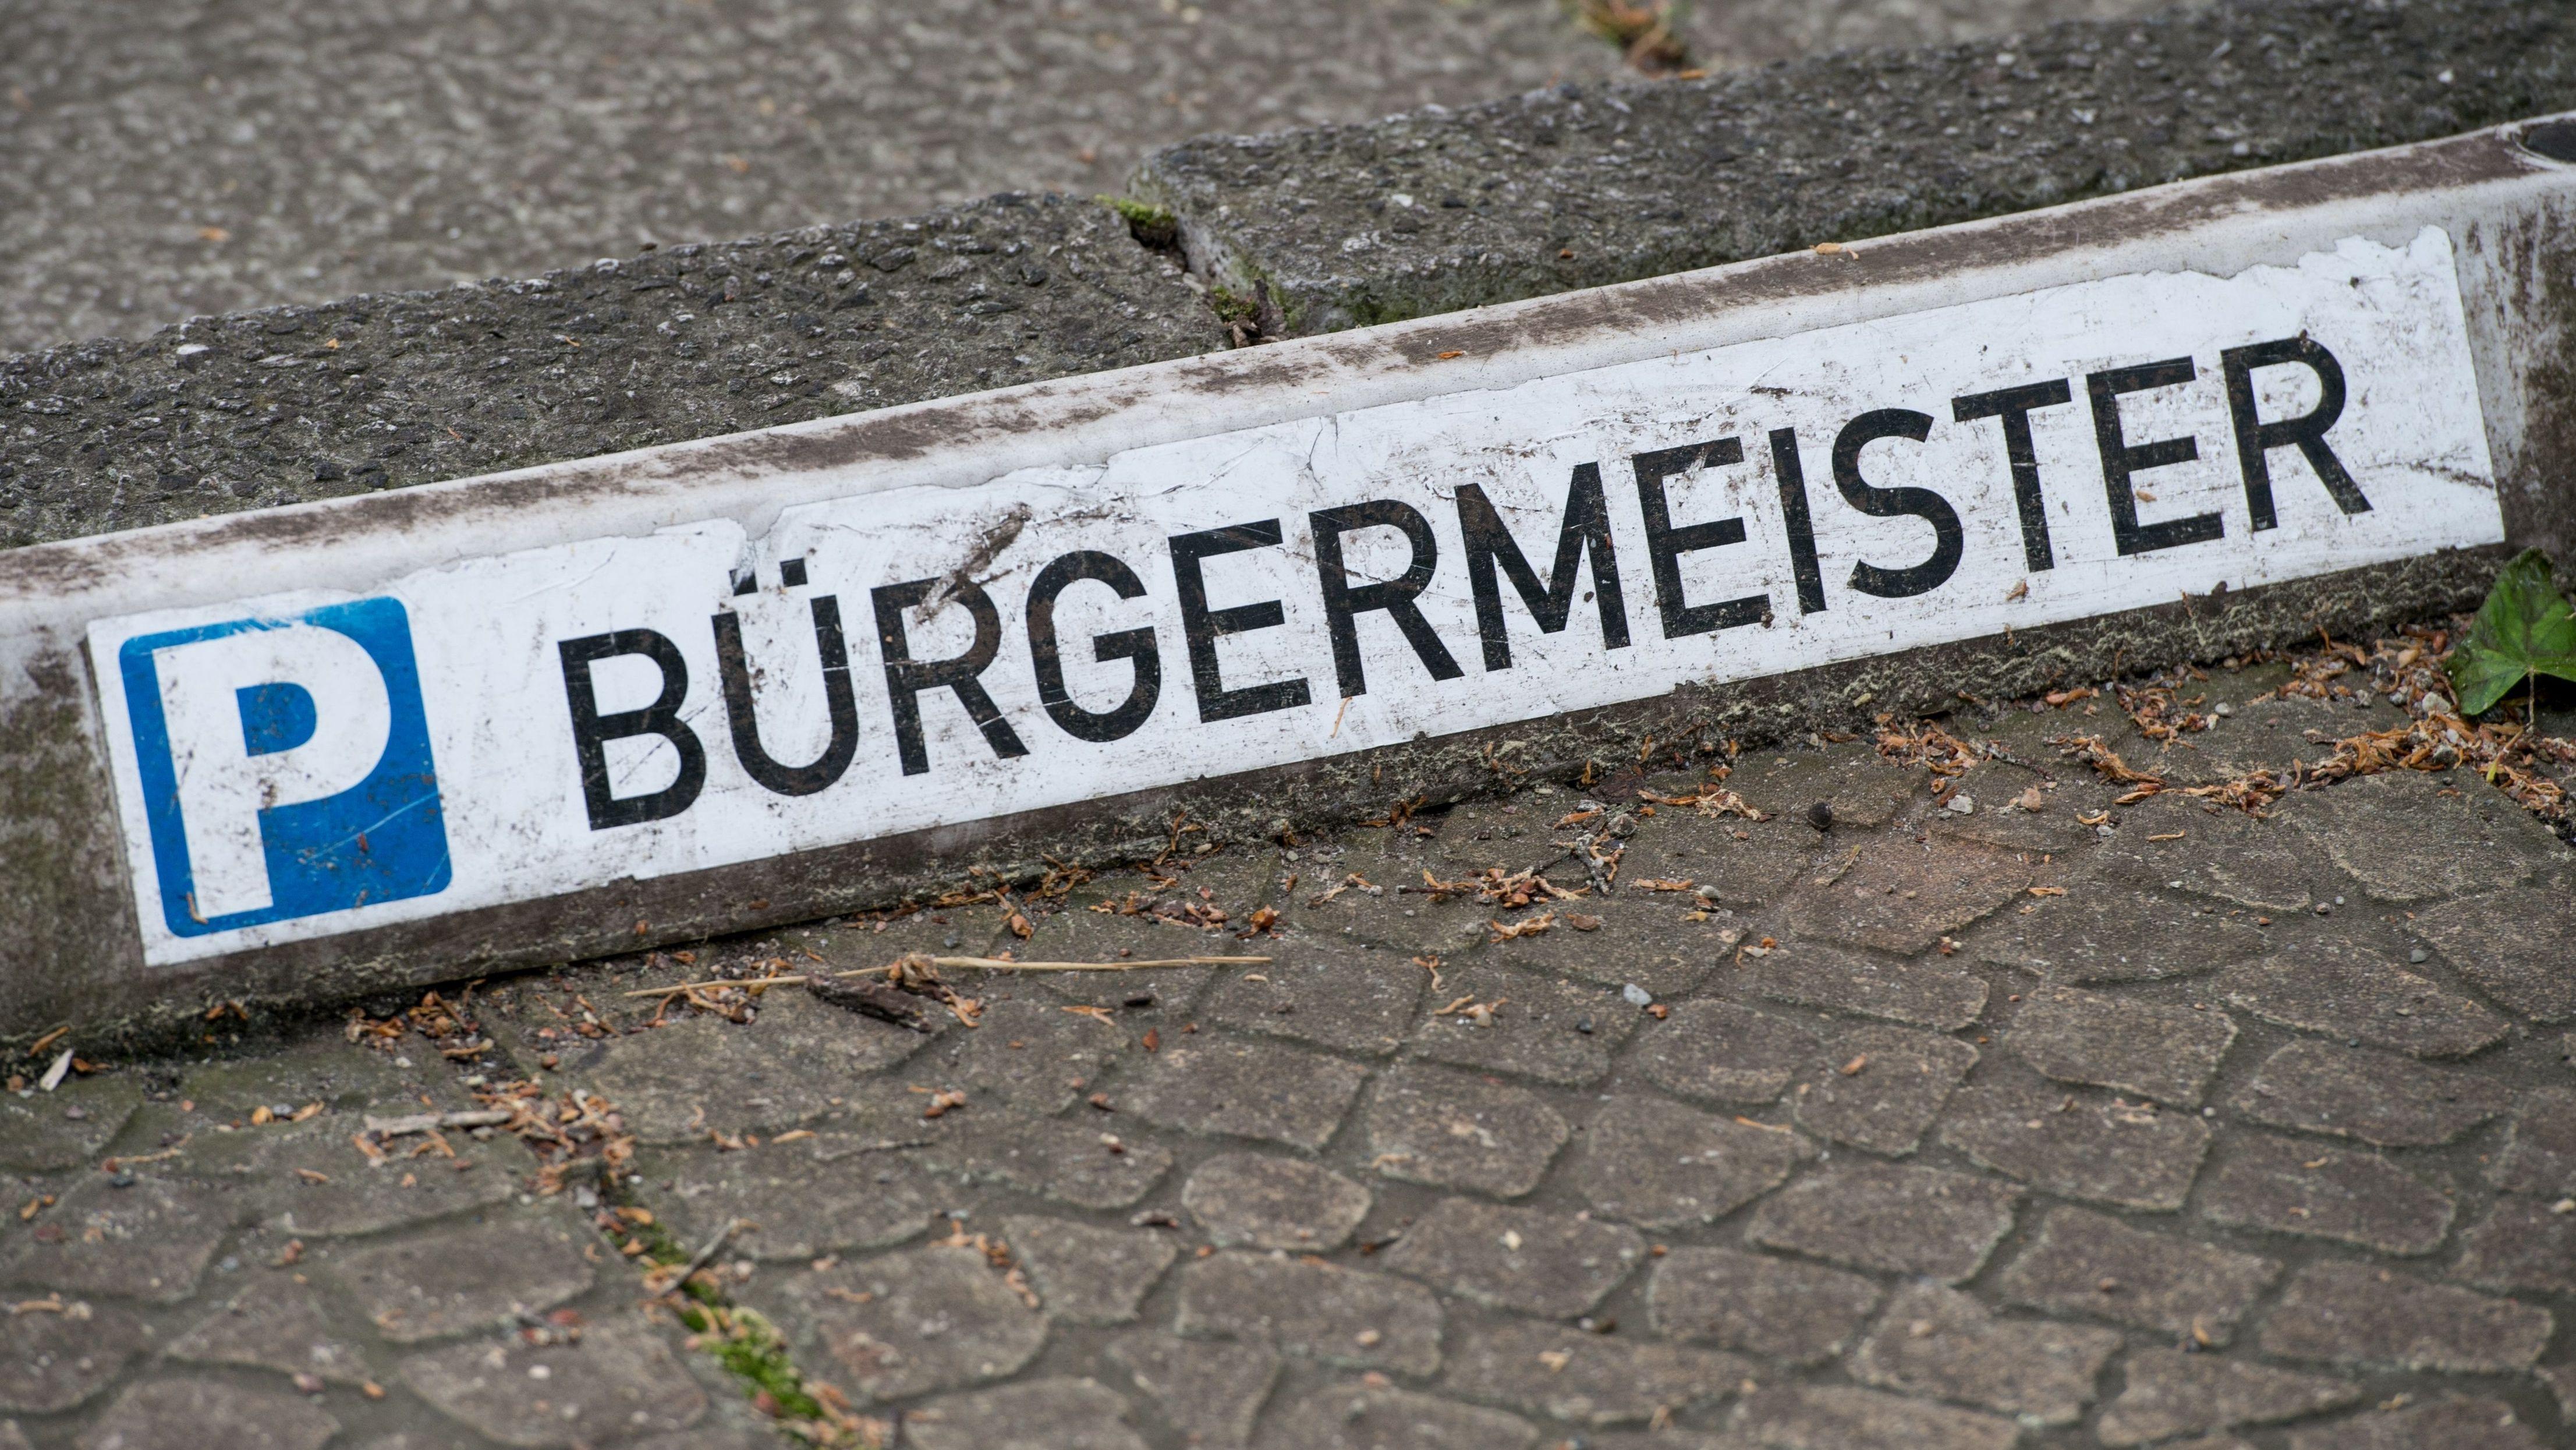 Parkplatz für einen Bürgermeister